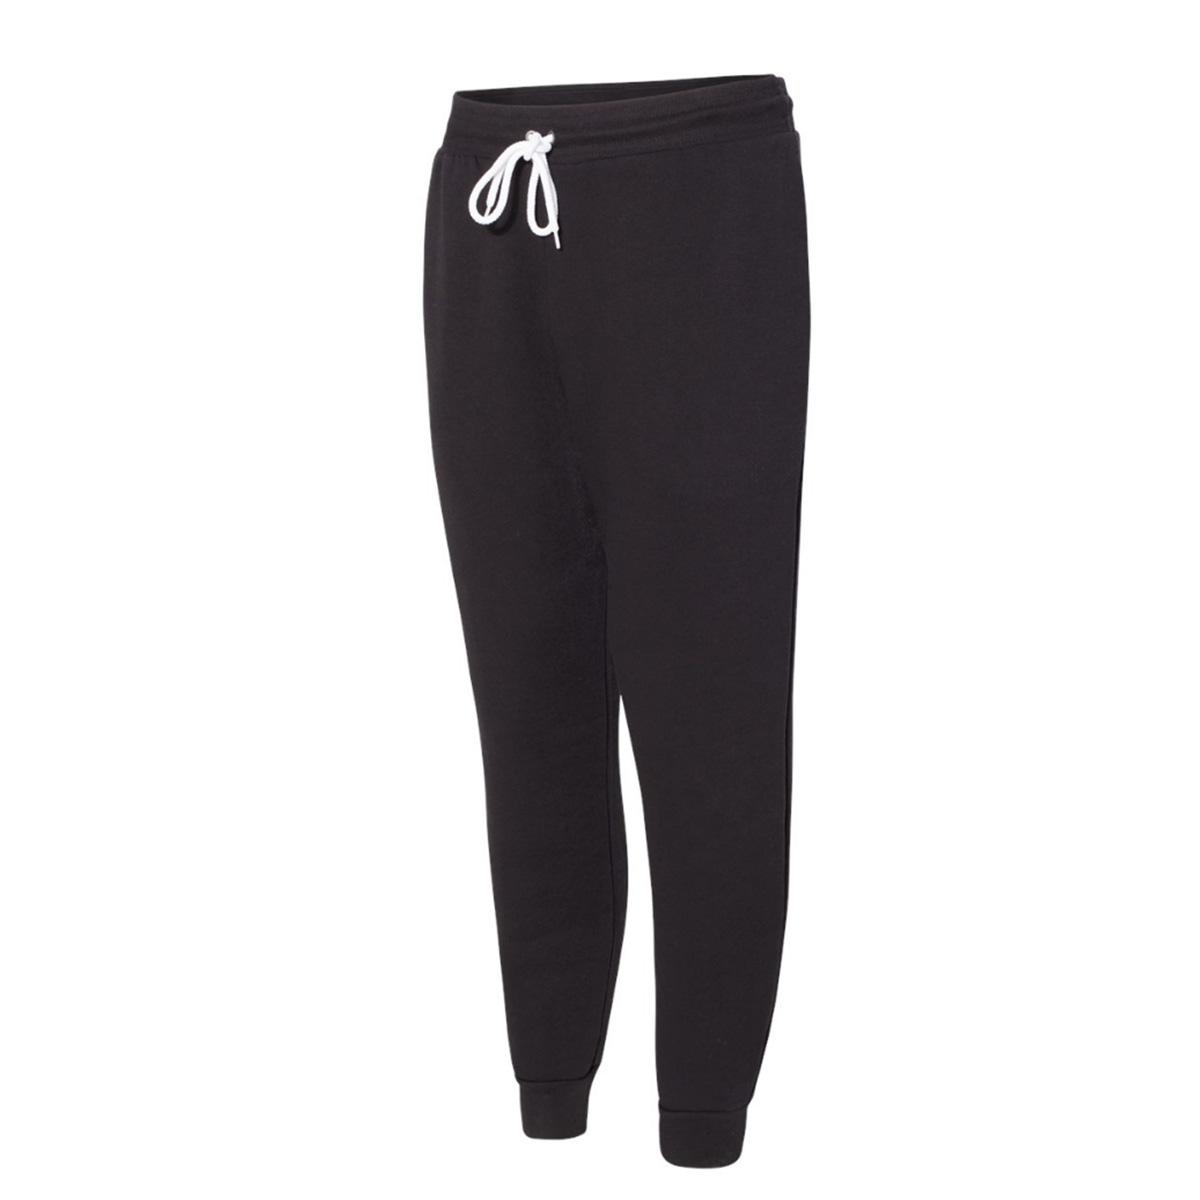 Ssactivewear adrienjoggers black